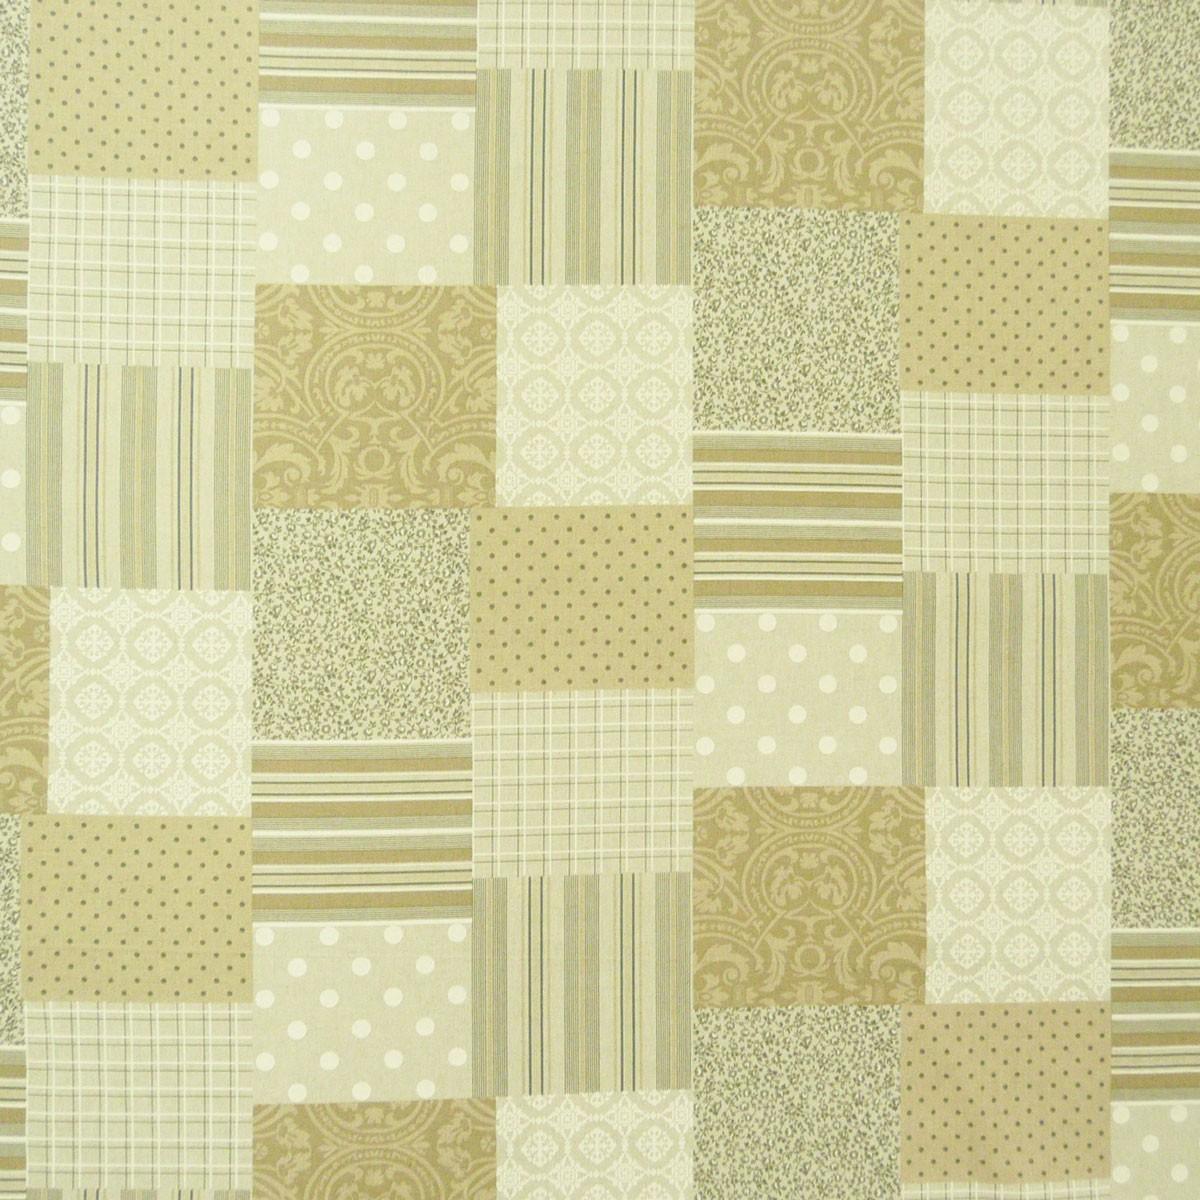 baumwollstoff gardinenstoff dekostoff patchwork natur 2 80m breit stoffe wohnstoffe dekostoffe. Black Bedroom Furniture Sets. Home Design Ideas